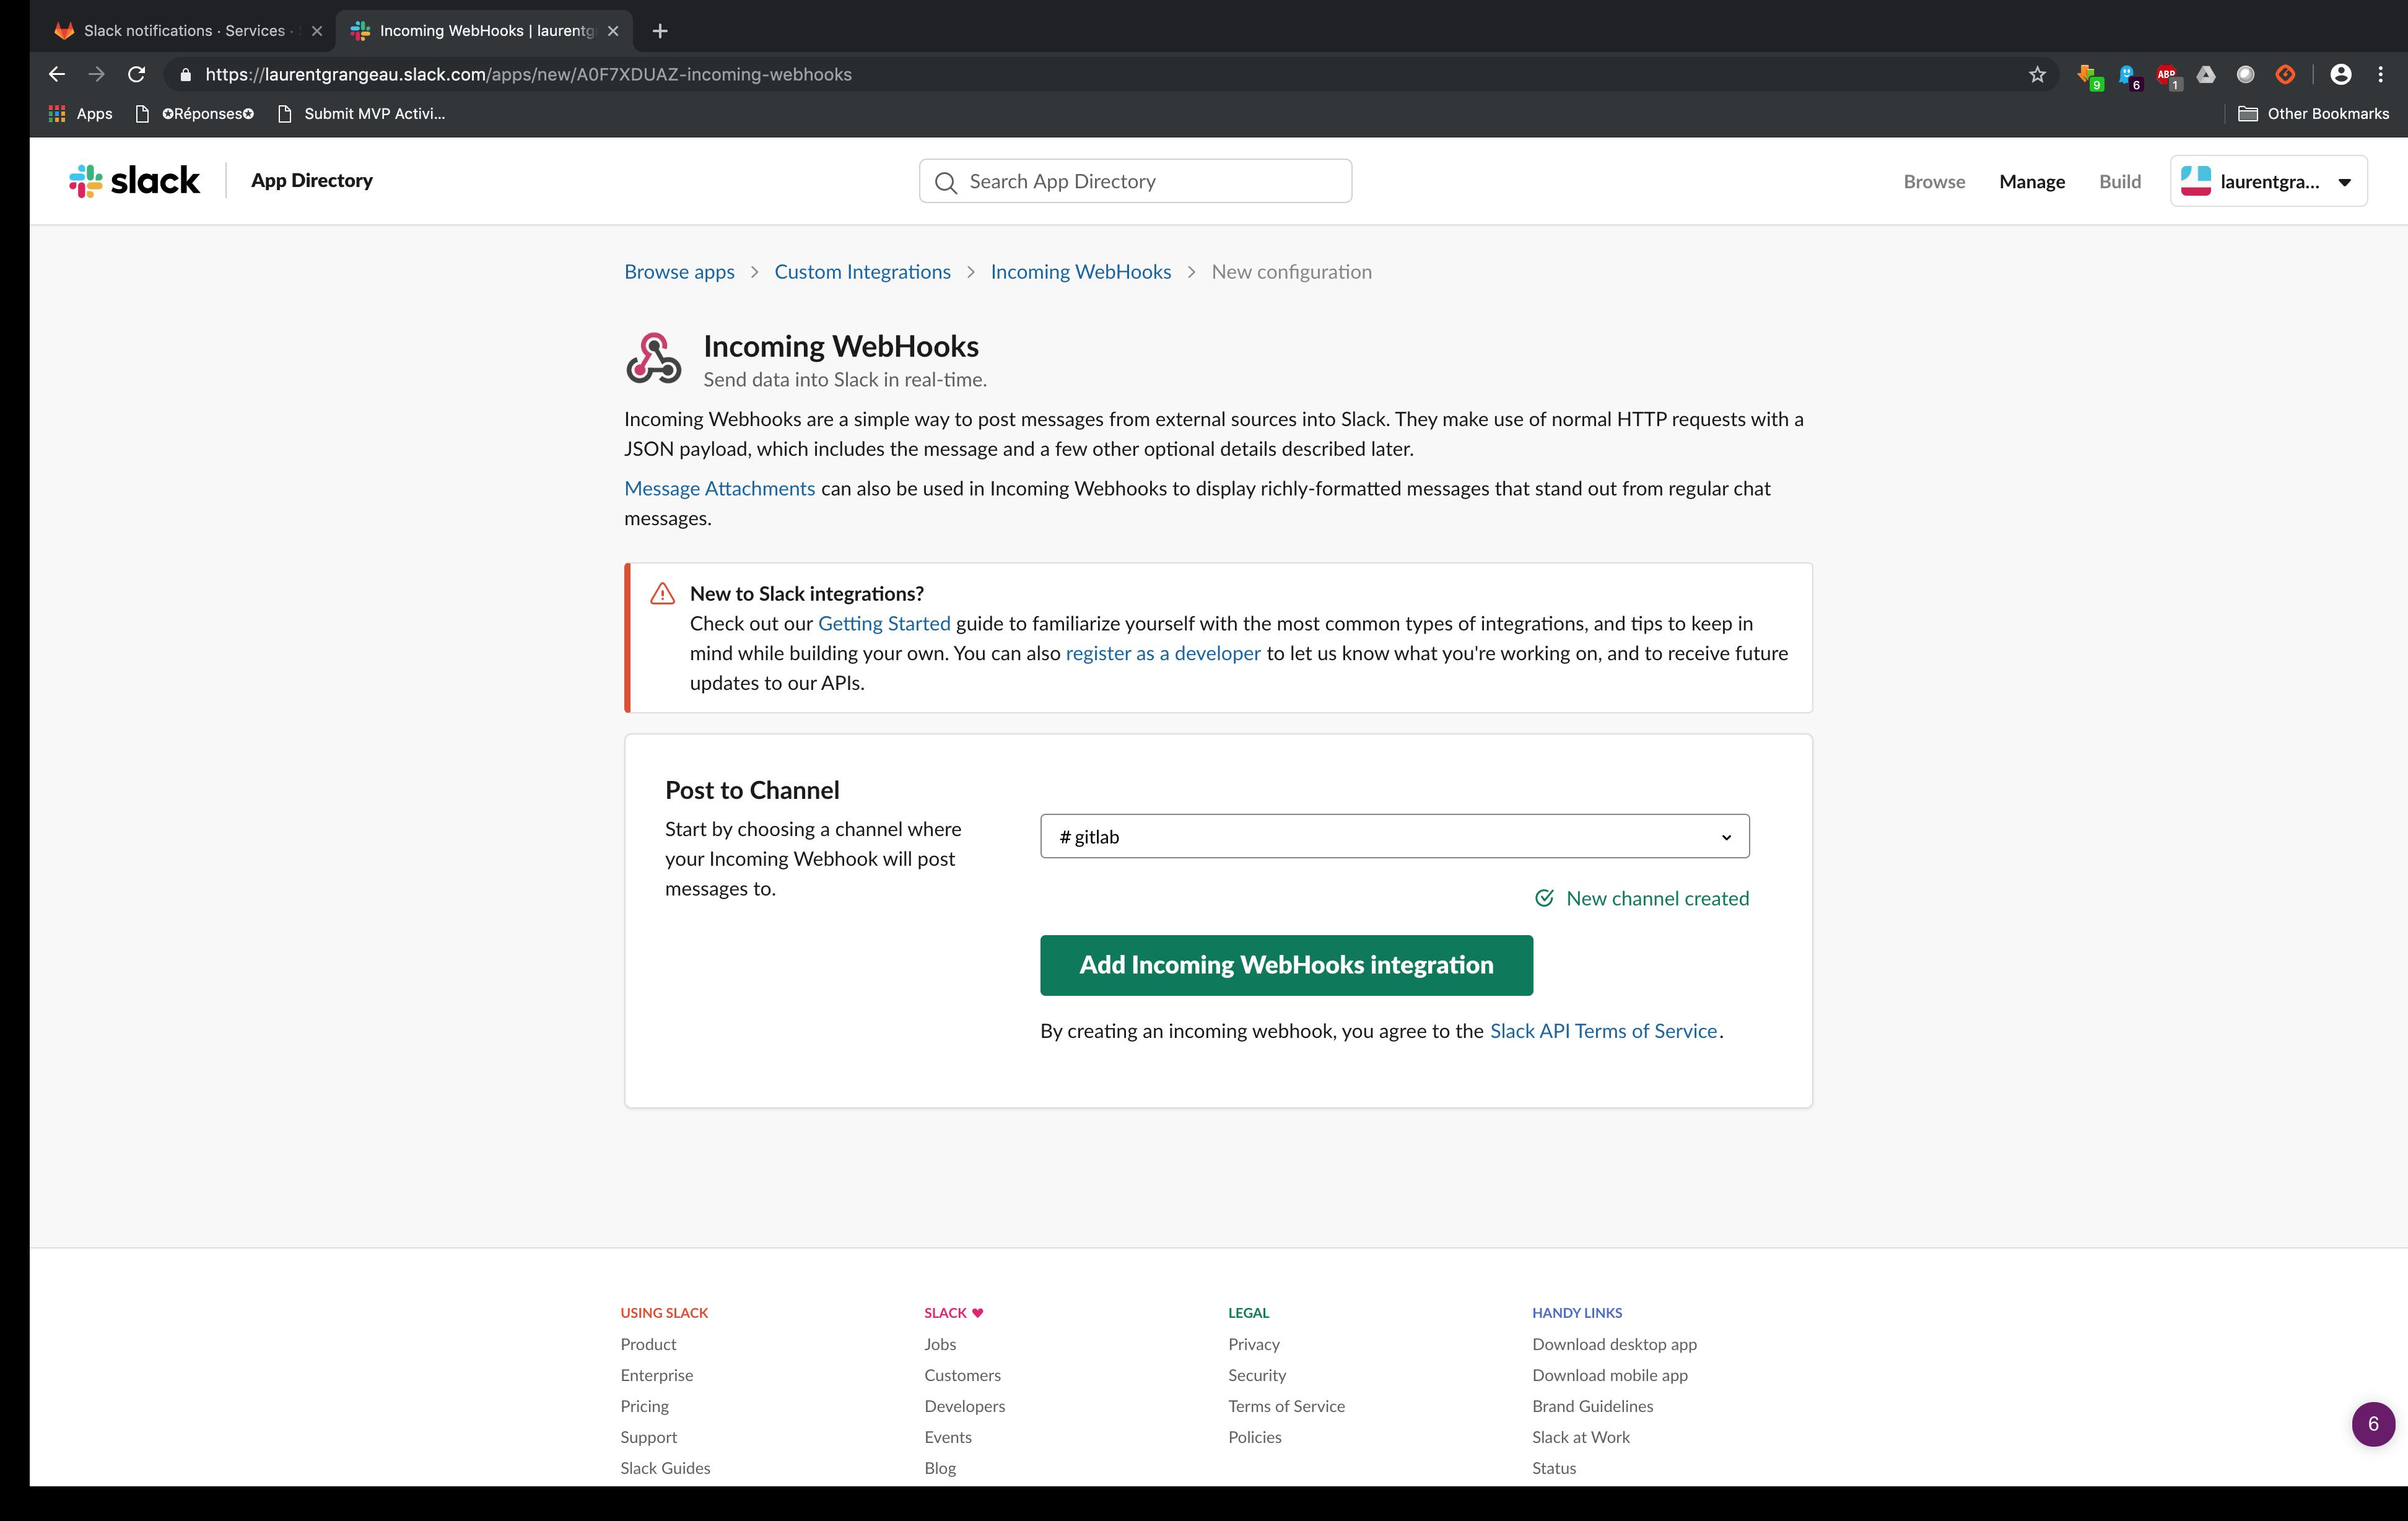 Configurez le channel Slack où recevoir les notifications